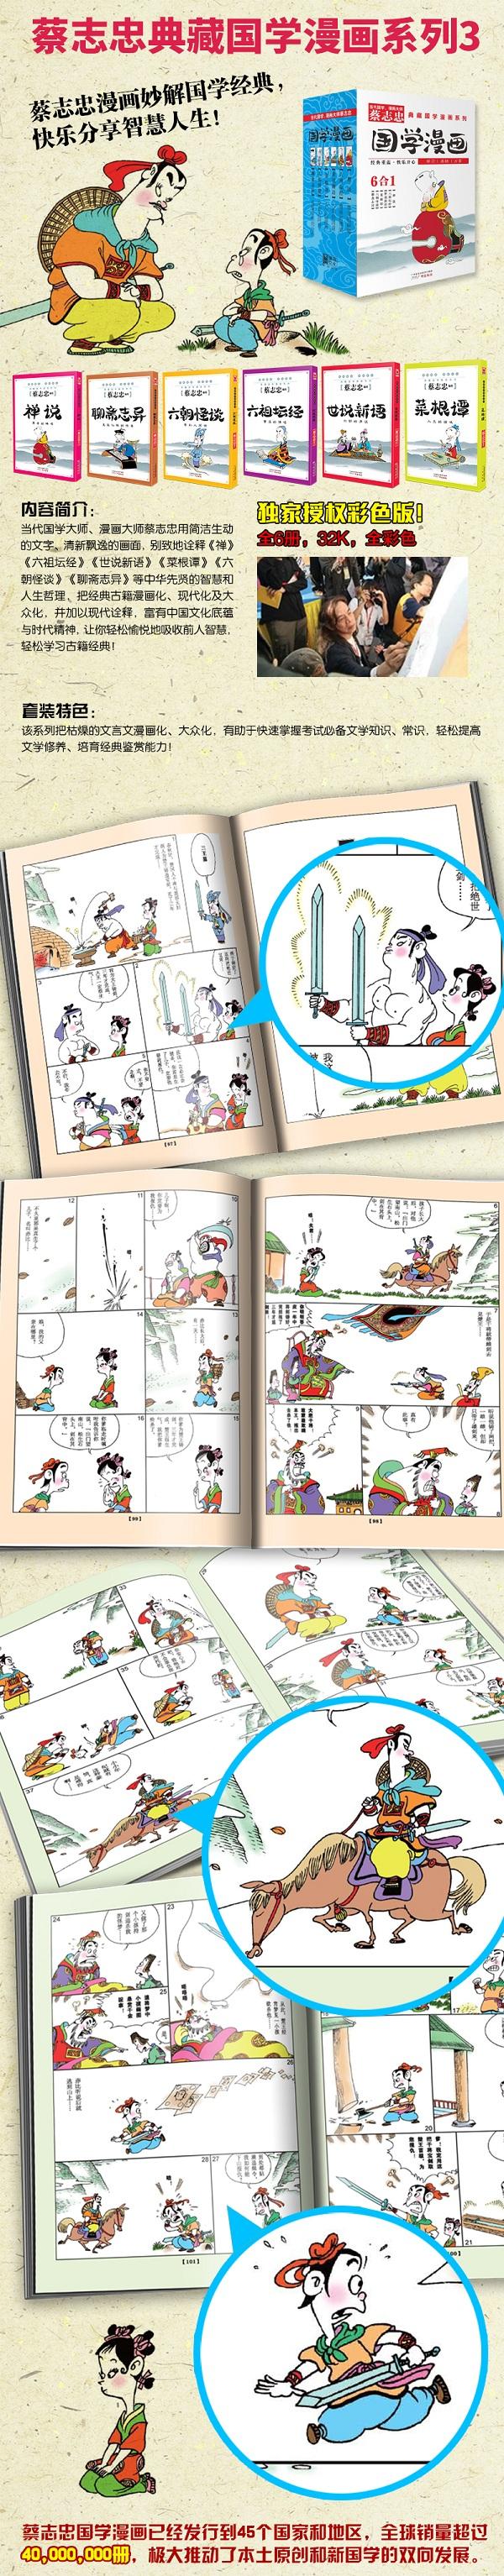 蔡志忠国学漫画特色图 3 2020更新.jpg